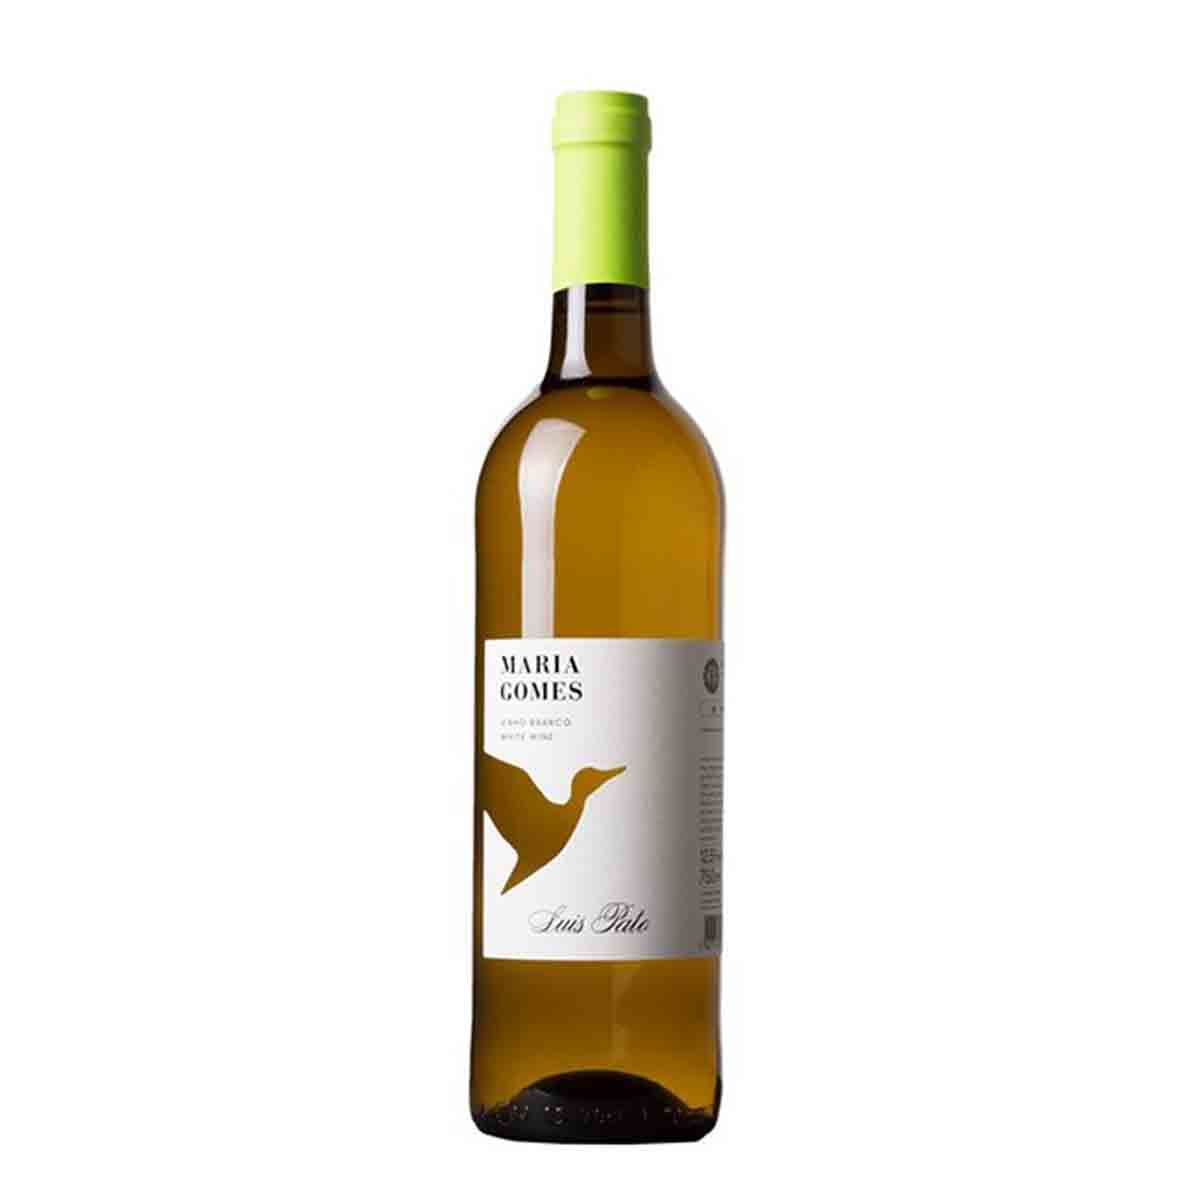 Vinho Branco Português Luis Pato Maria Gomes 2018 750ml